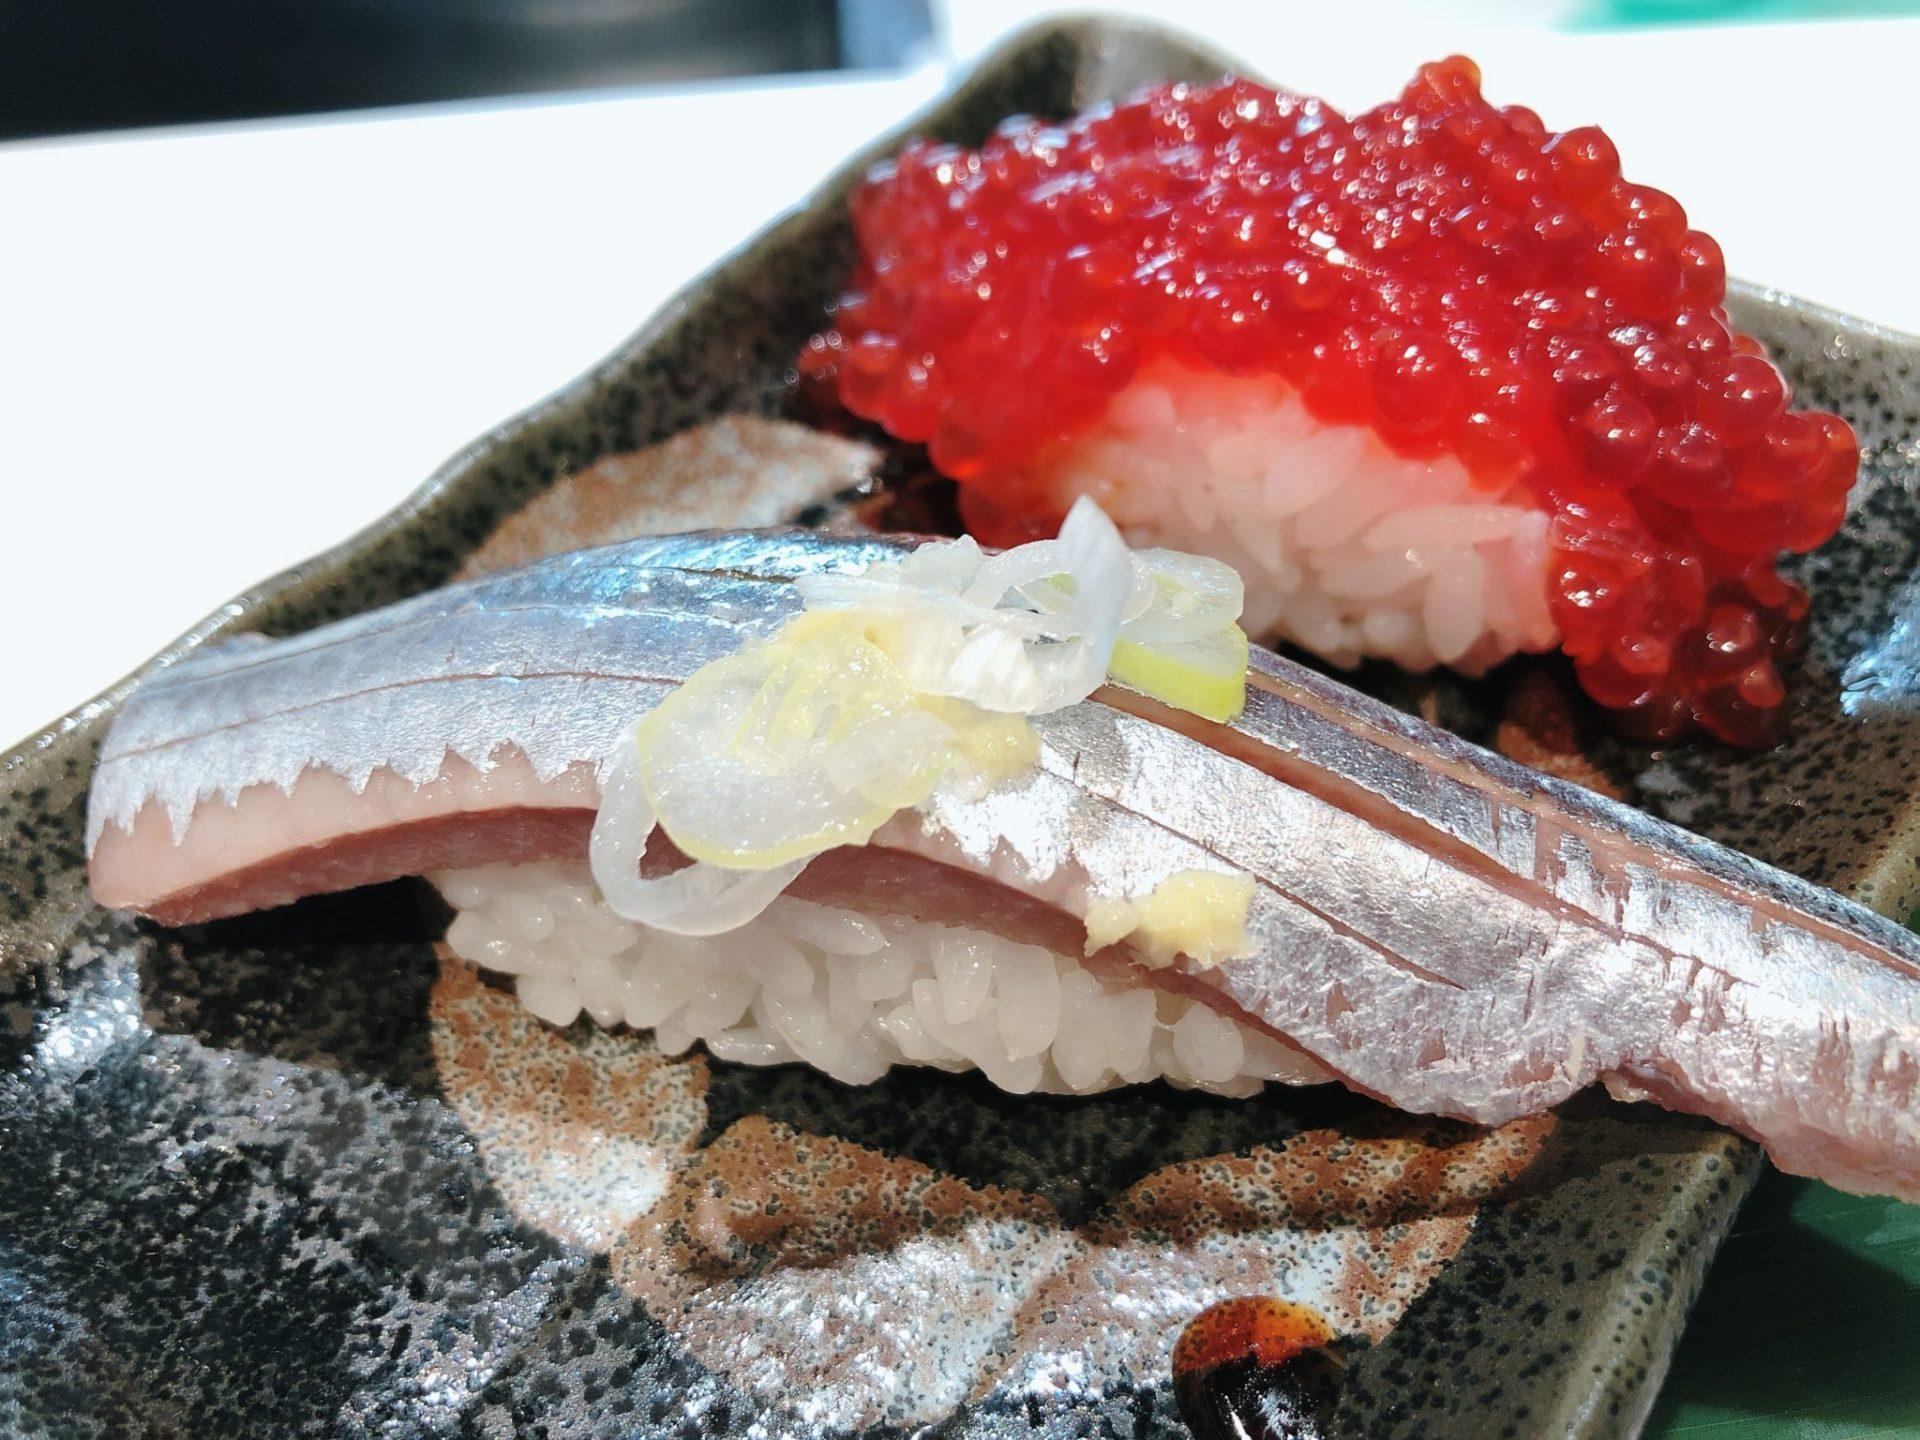 立食い寿司 根室花まる 神宮前店(原宿店)のサンマ